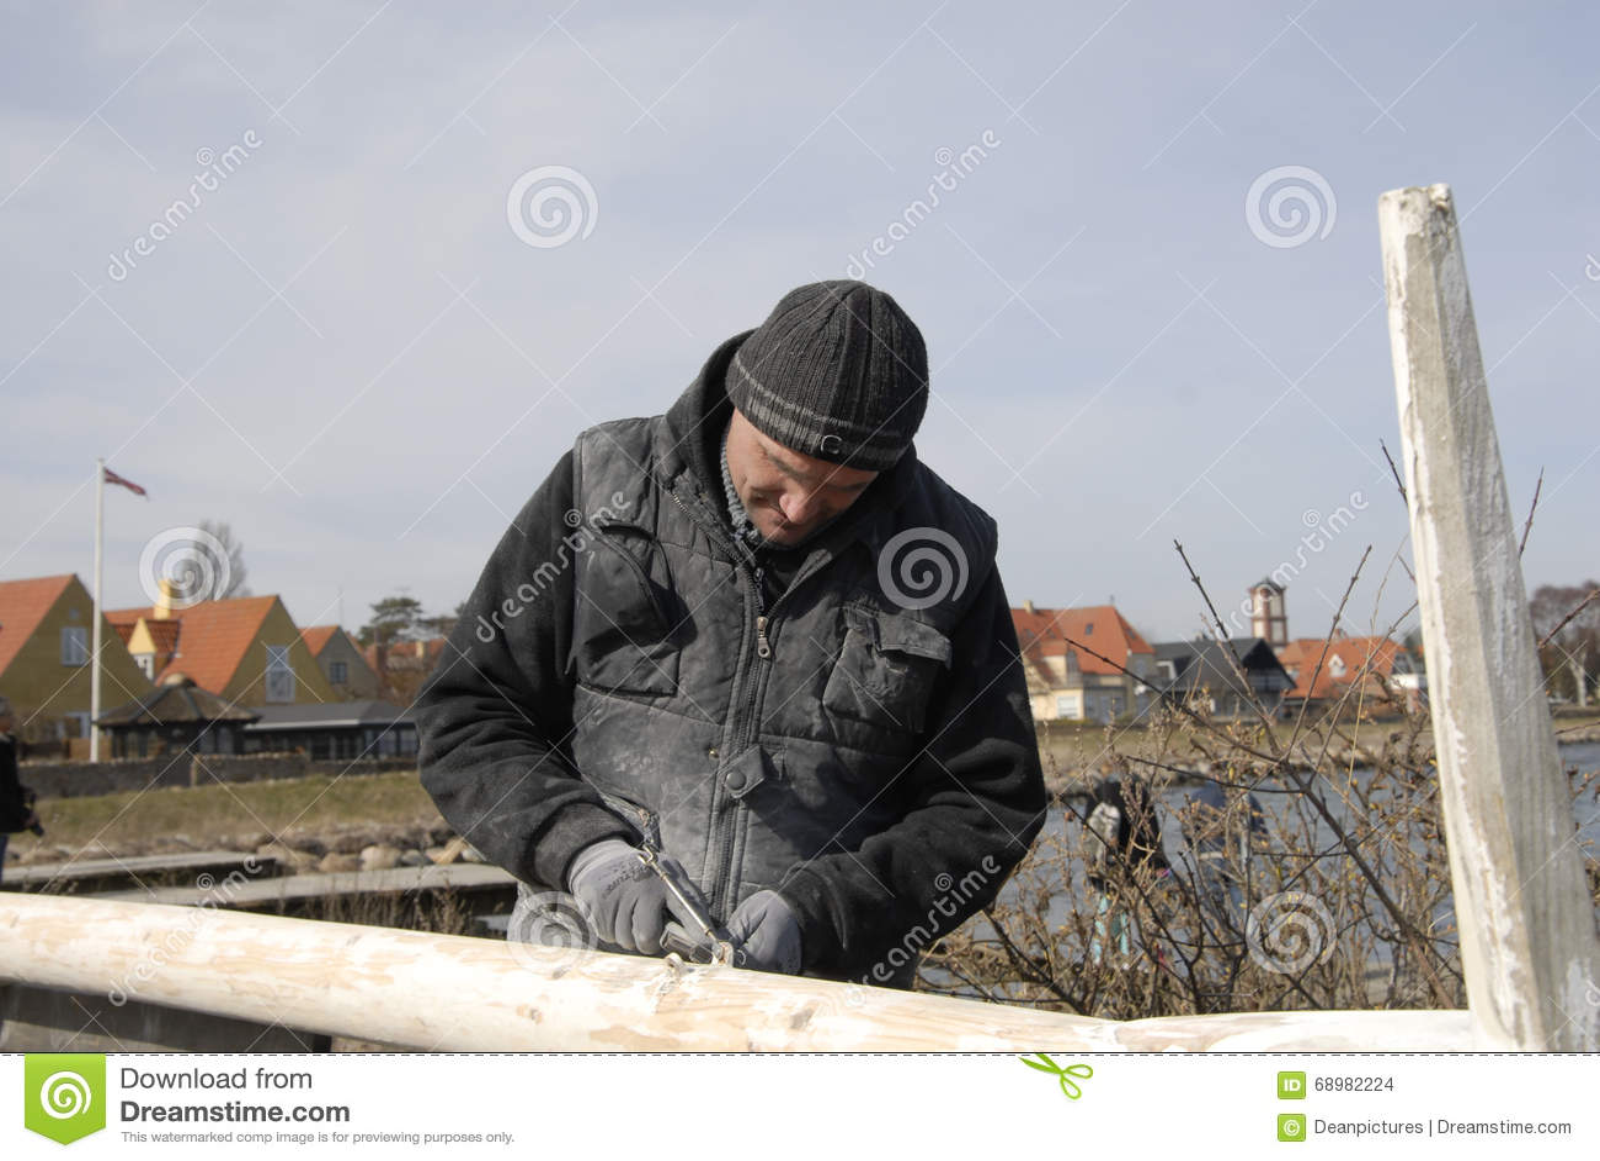 POLNISCHES WORKR IN DÄNEMARK